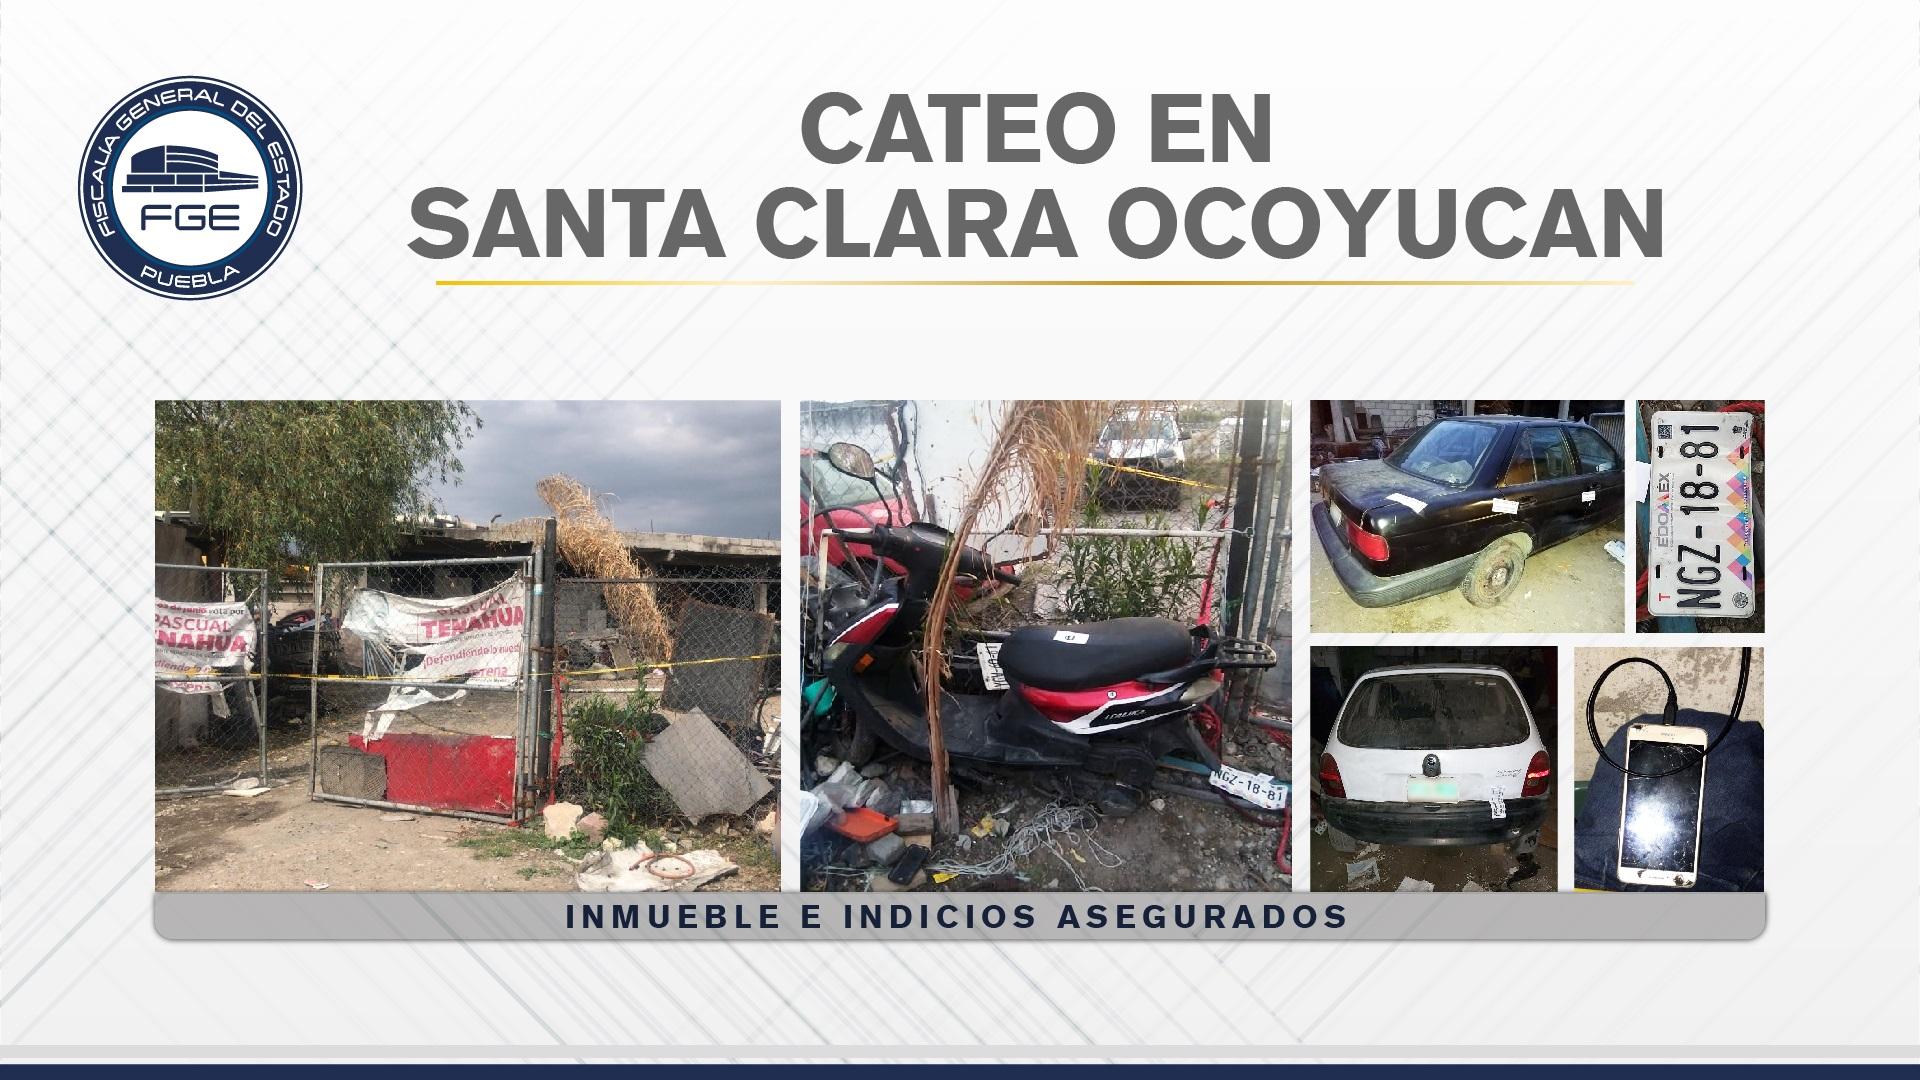 Fiscalía cateó un inmueble con autos robados en Ocoyucan